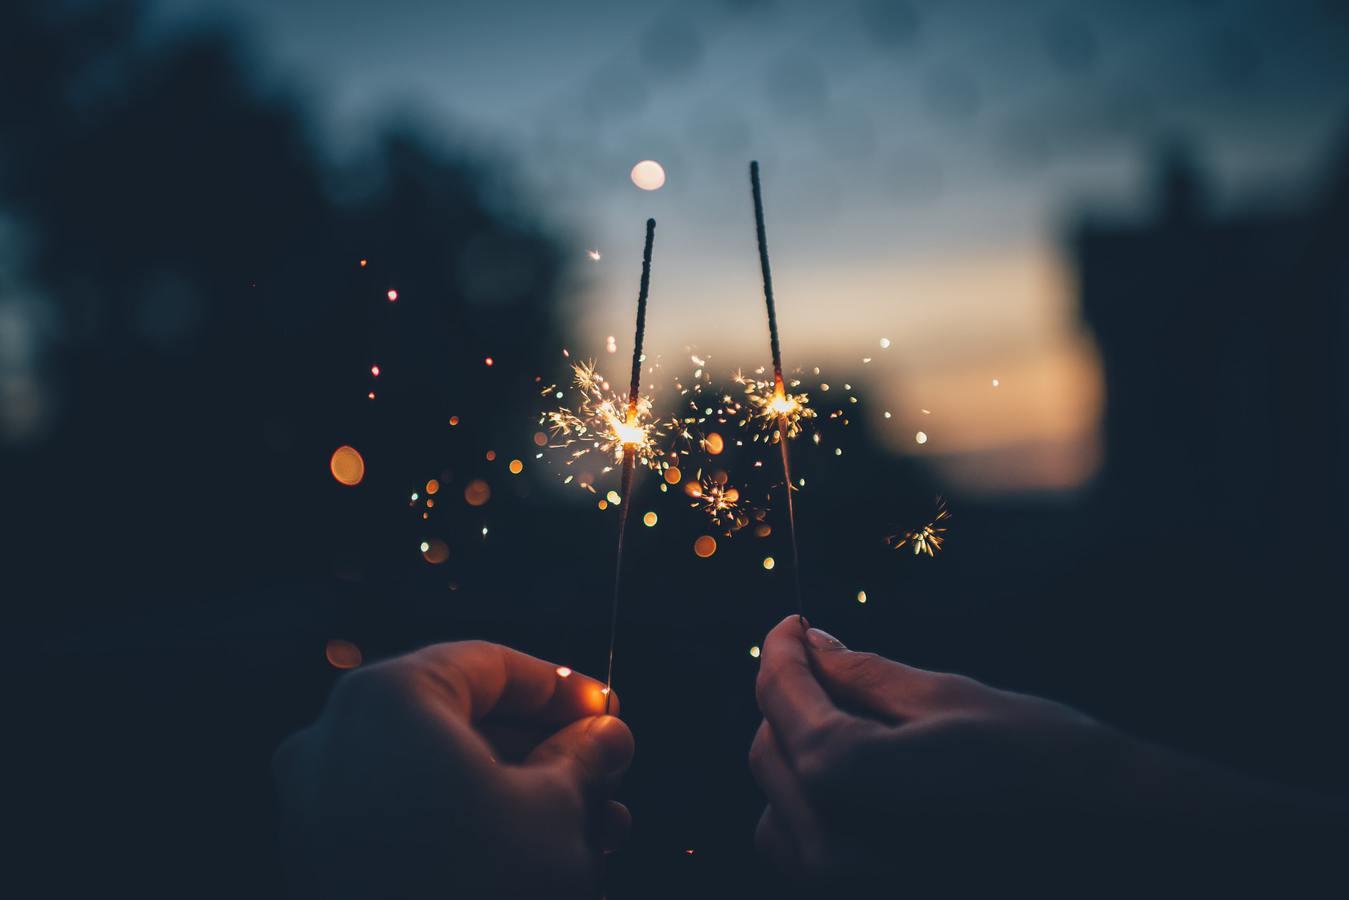 People celebrating at dusk